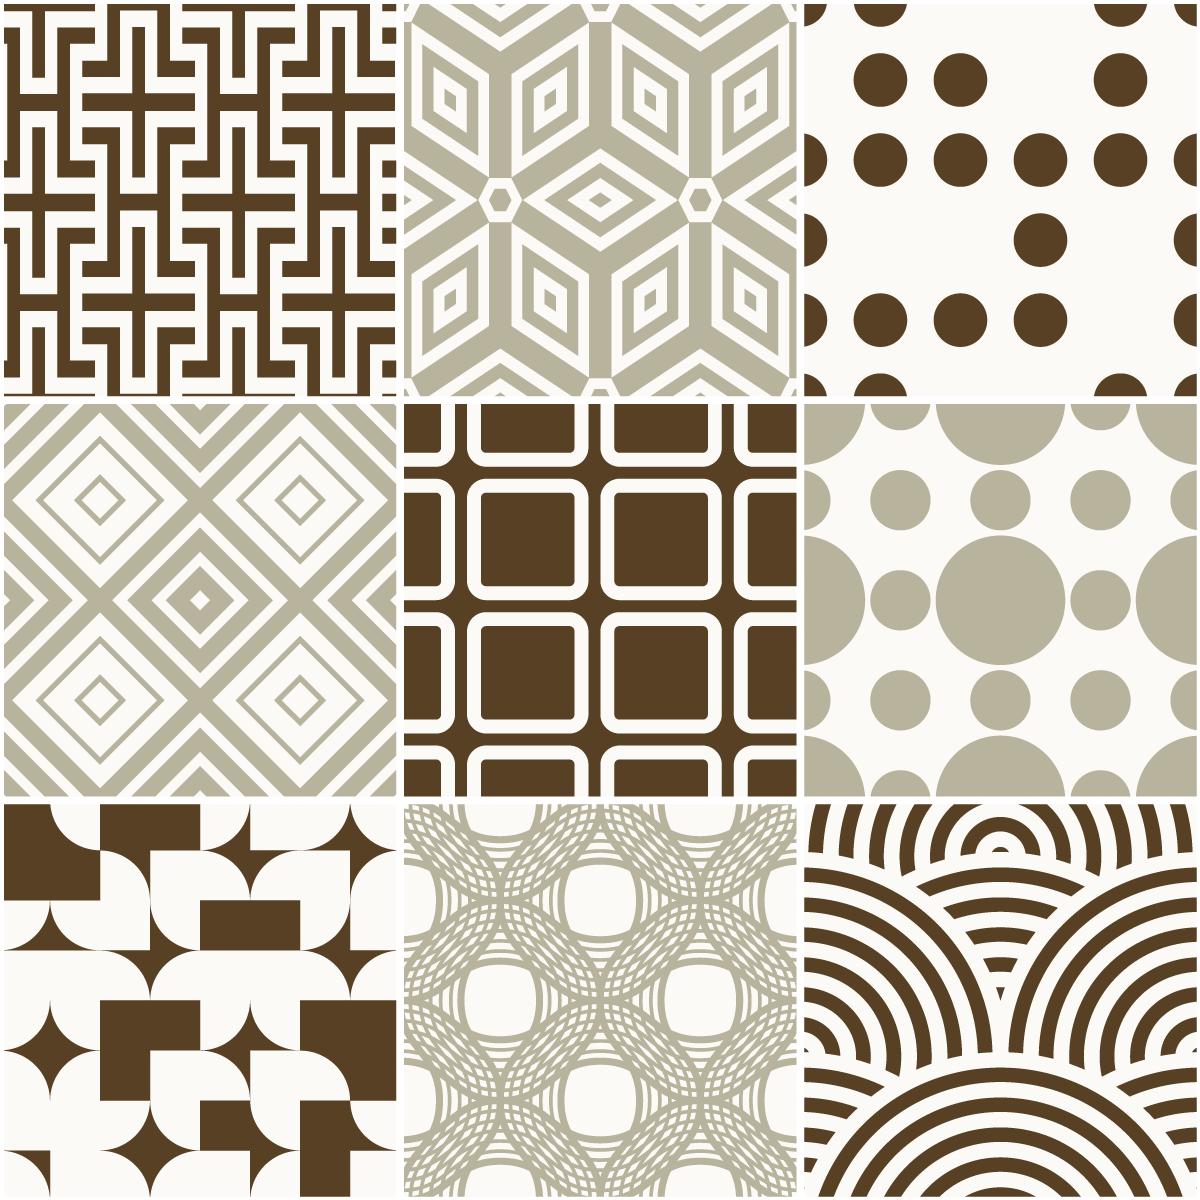 9 stickers carreaux de ciment scandinave baltique salle de bain et wc salle de bain ambiance. Black Bedroom Furniture Sets. Home Design Ideas